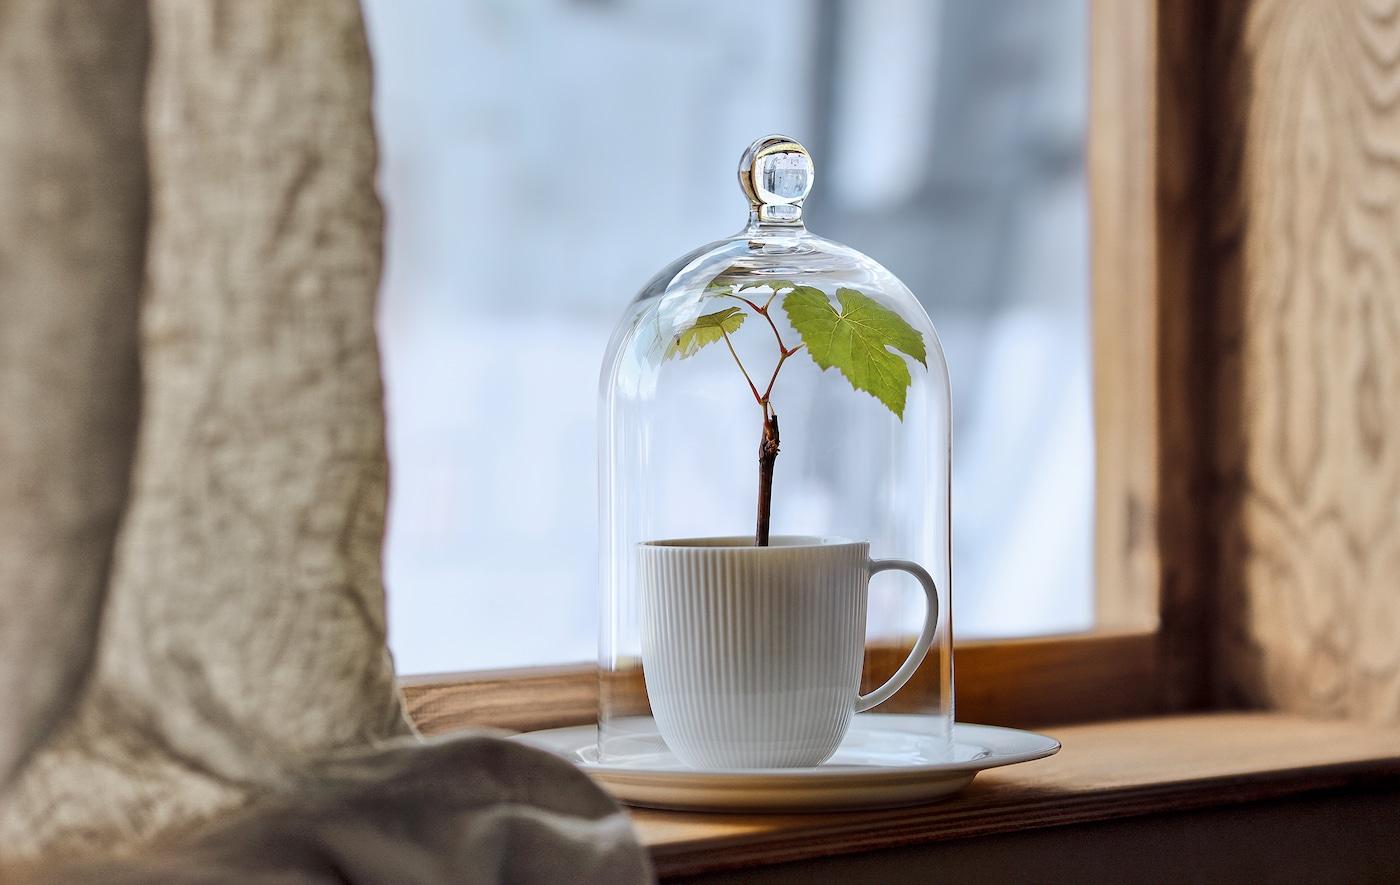 Eine MORGONTID Glasglocke über einer Teetasse auf einer Fensterbank. Aus der Teetasse wächst ein Setzling.